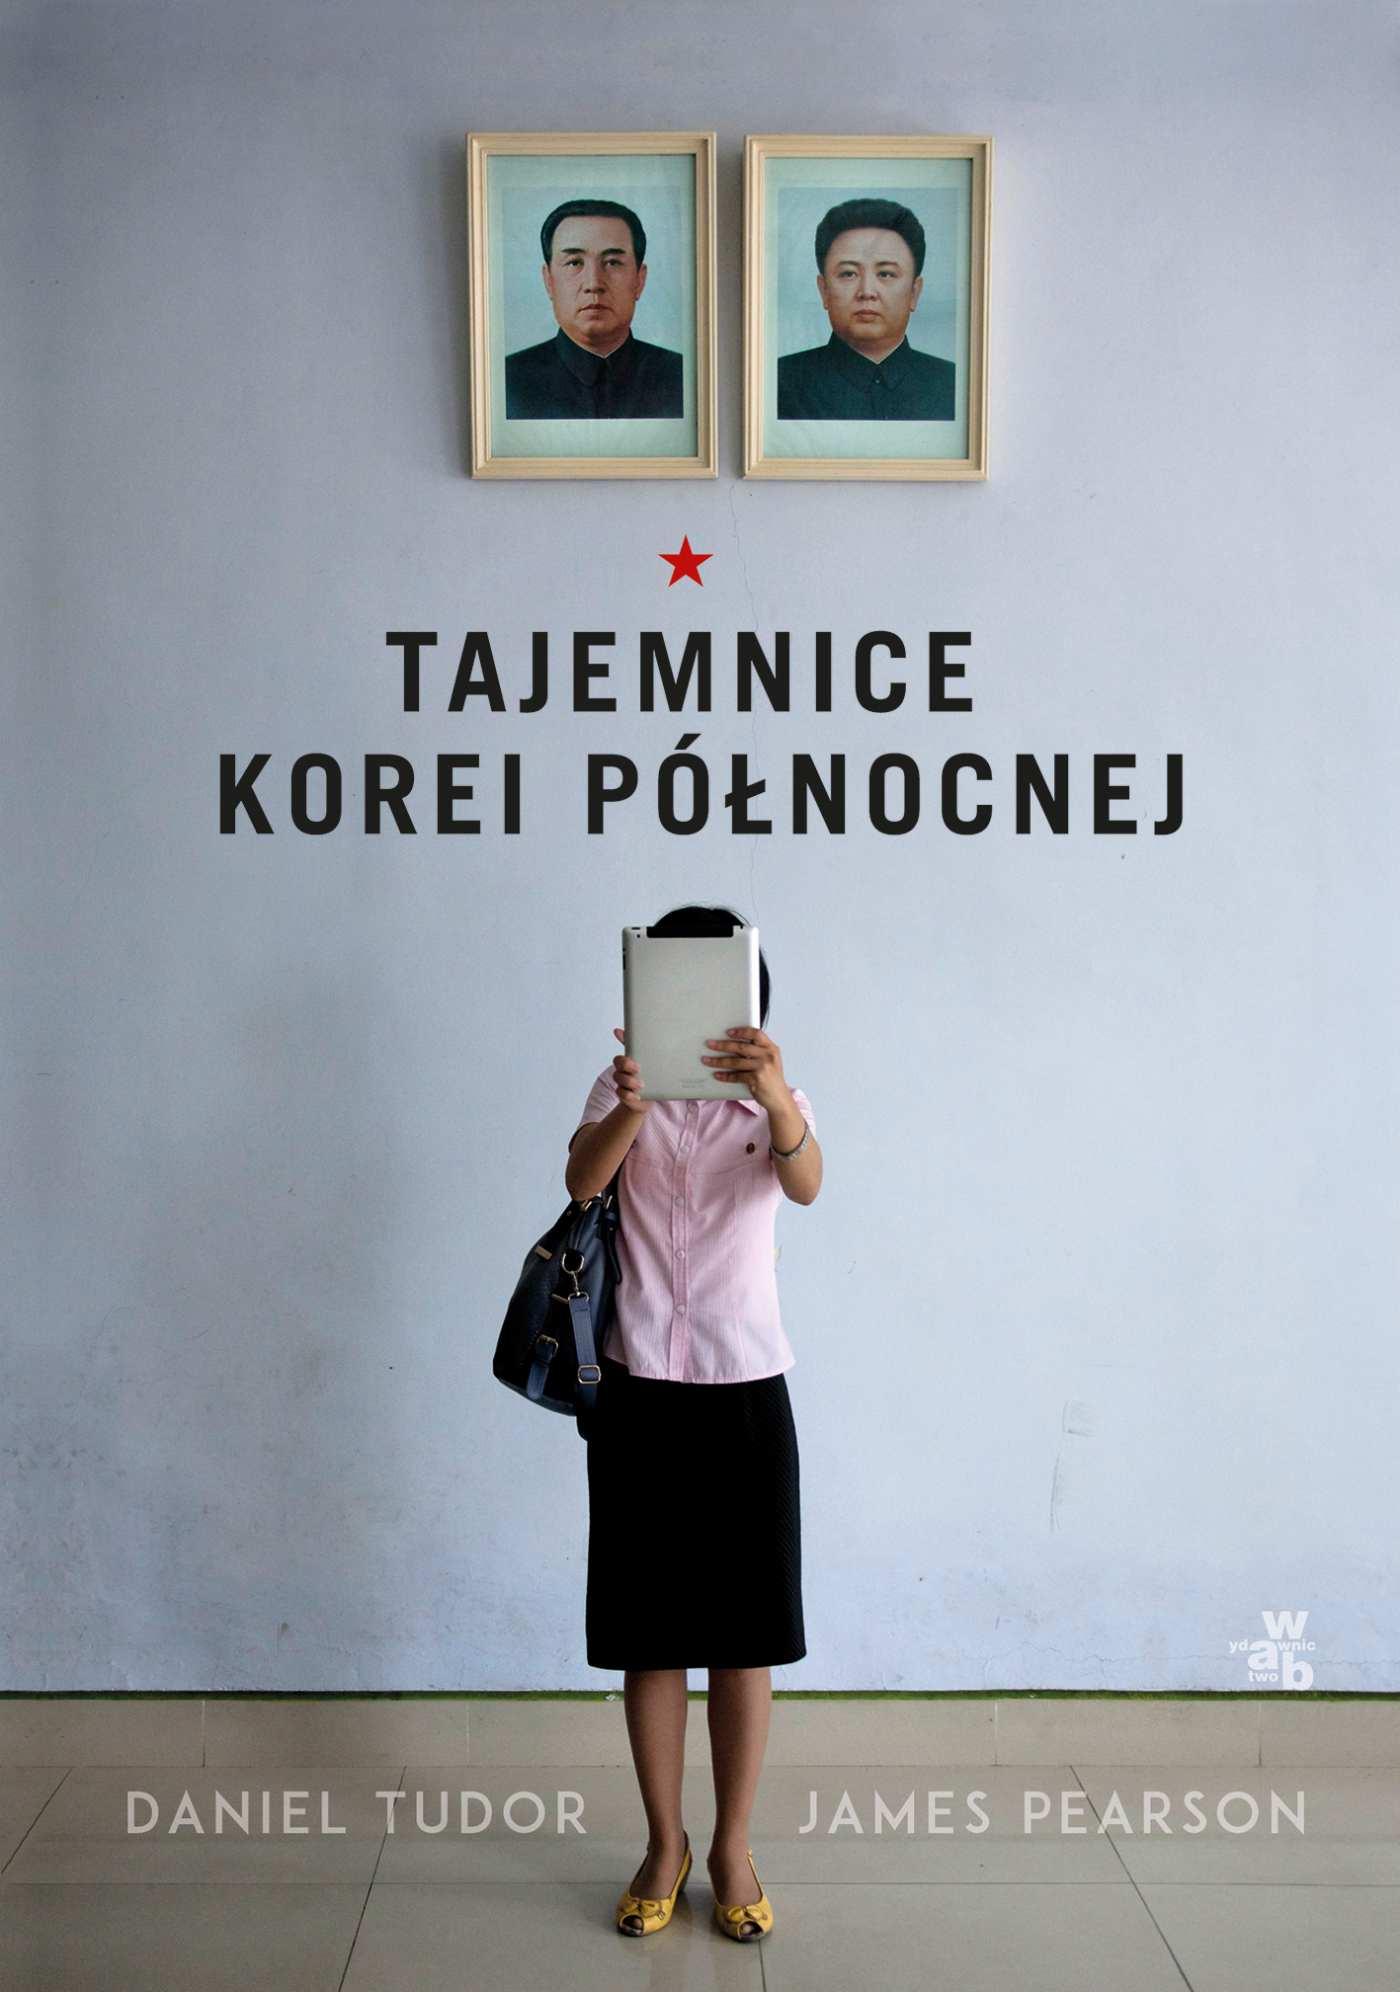 Tajemnice Korei Północnej - Ebook (Książka na Kindle) do pobrania w formacie MOBI